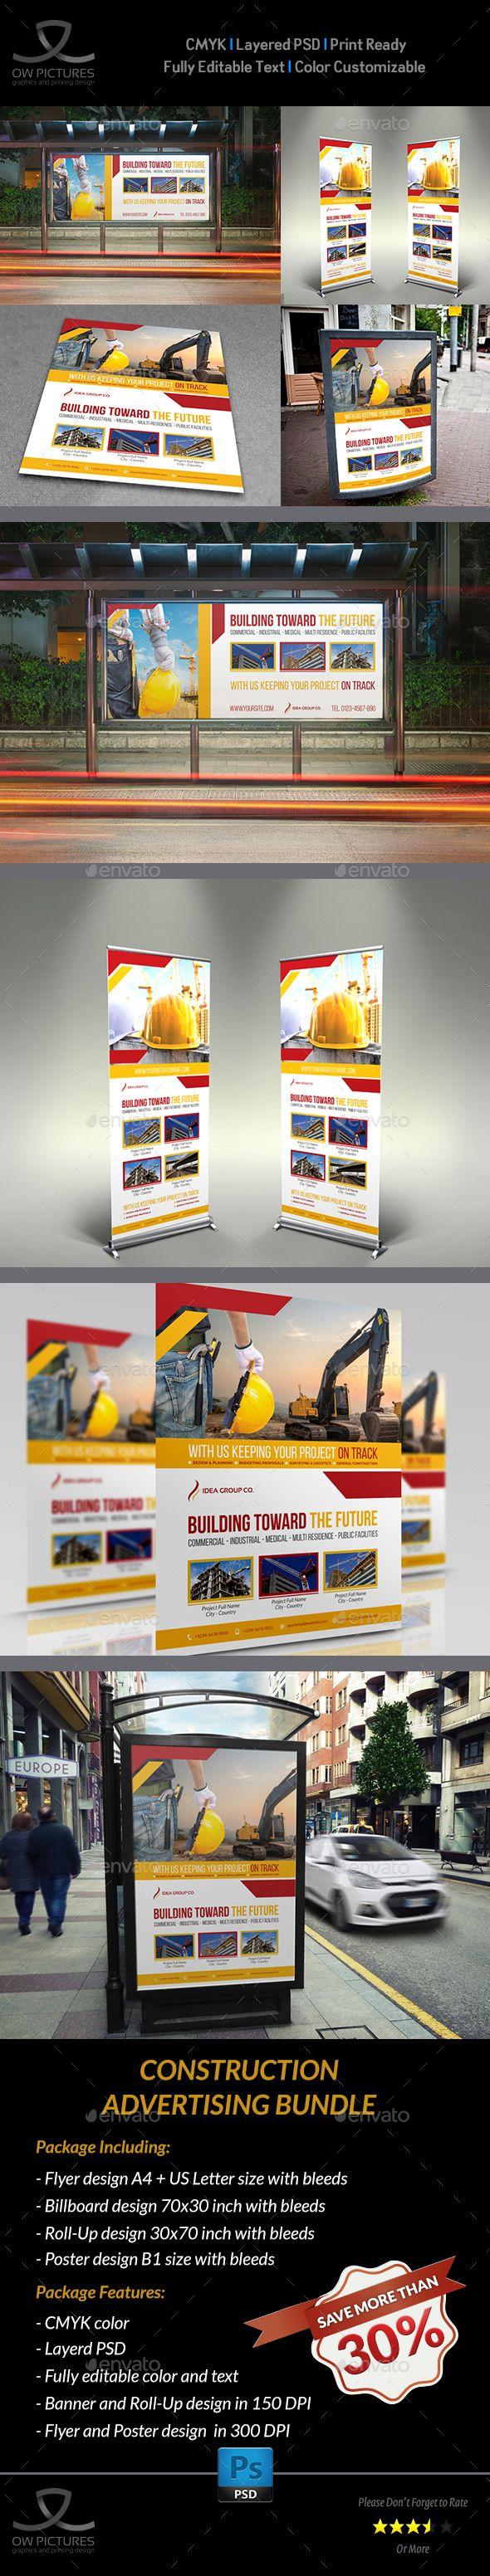 Poster design description - Construction Advertising Bundle Vol 5